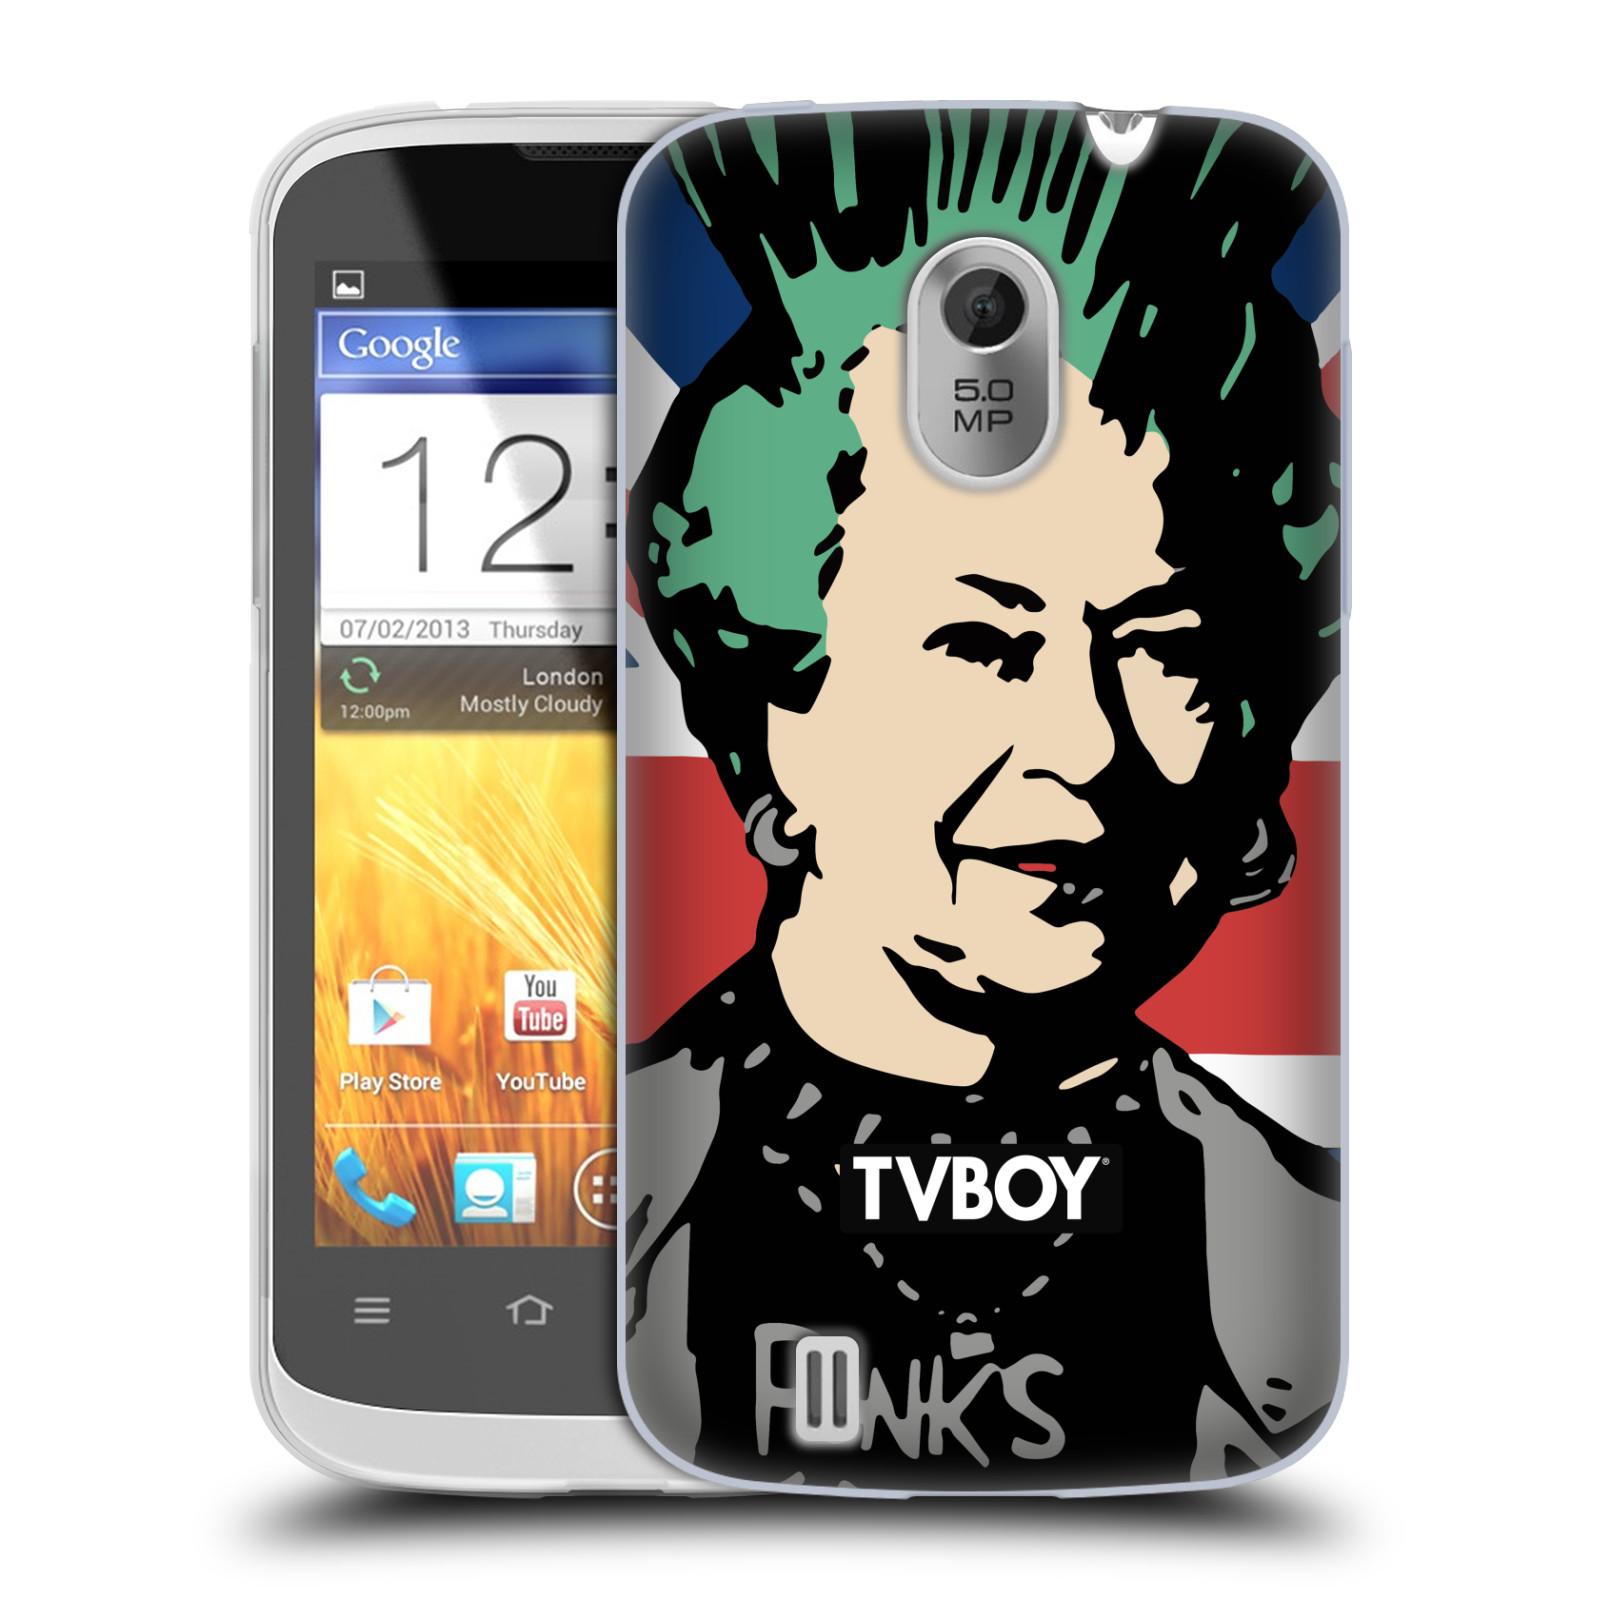 Silikonové pouzdro na mobil ZTE Blade III HEAD CASE - TVBOY - Punková Královna (Silikonový kryt či obal na mobilní telefon s licencovaným motivem TVBOY pro ZTE Blade 3)